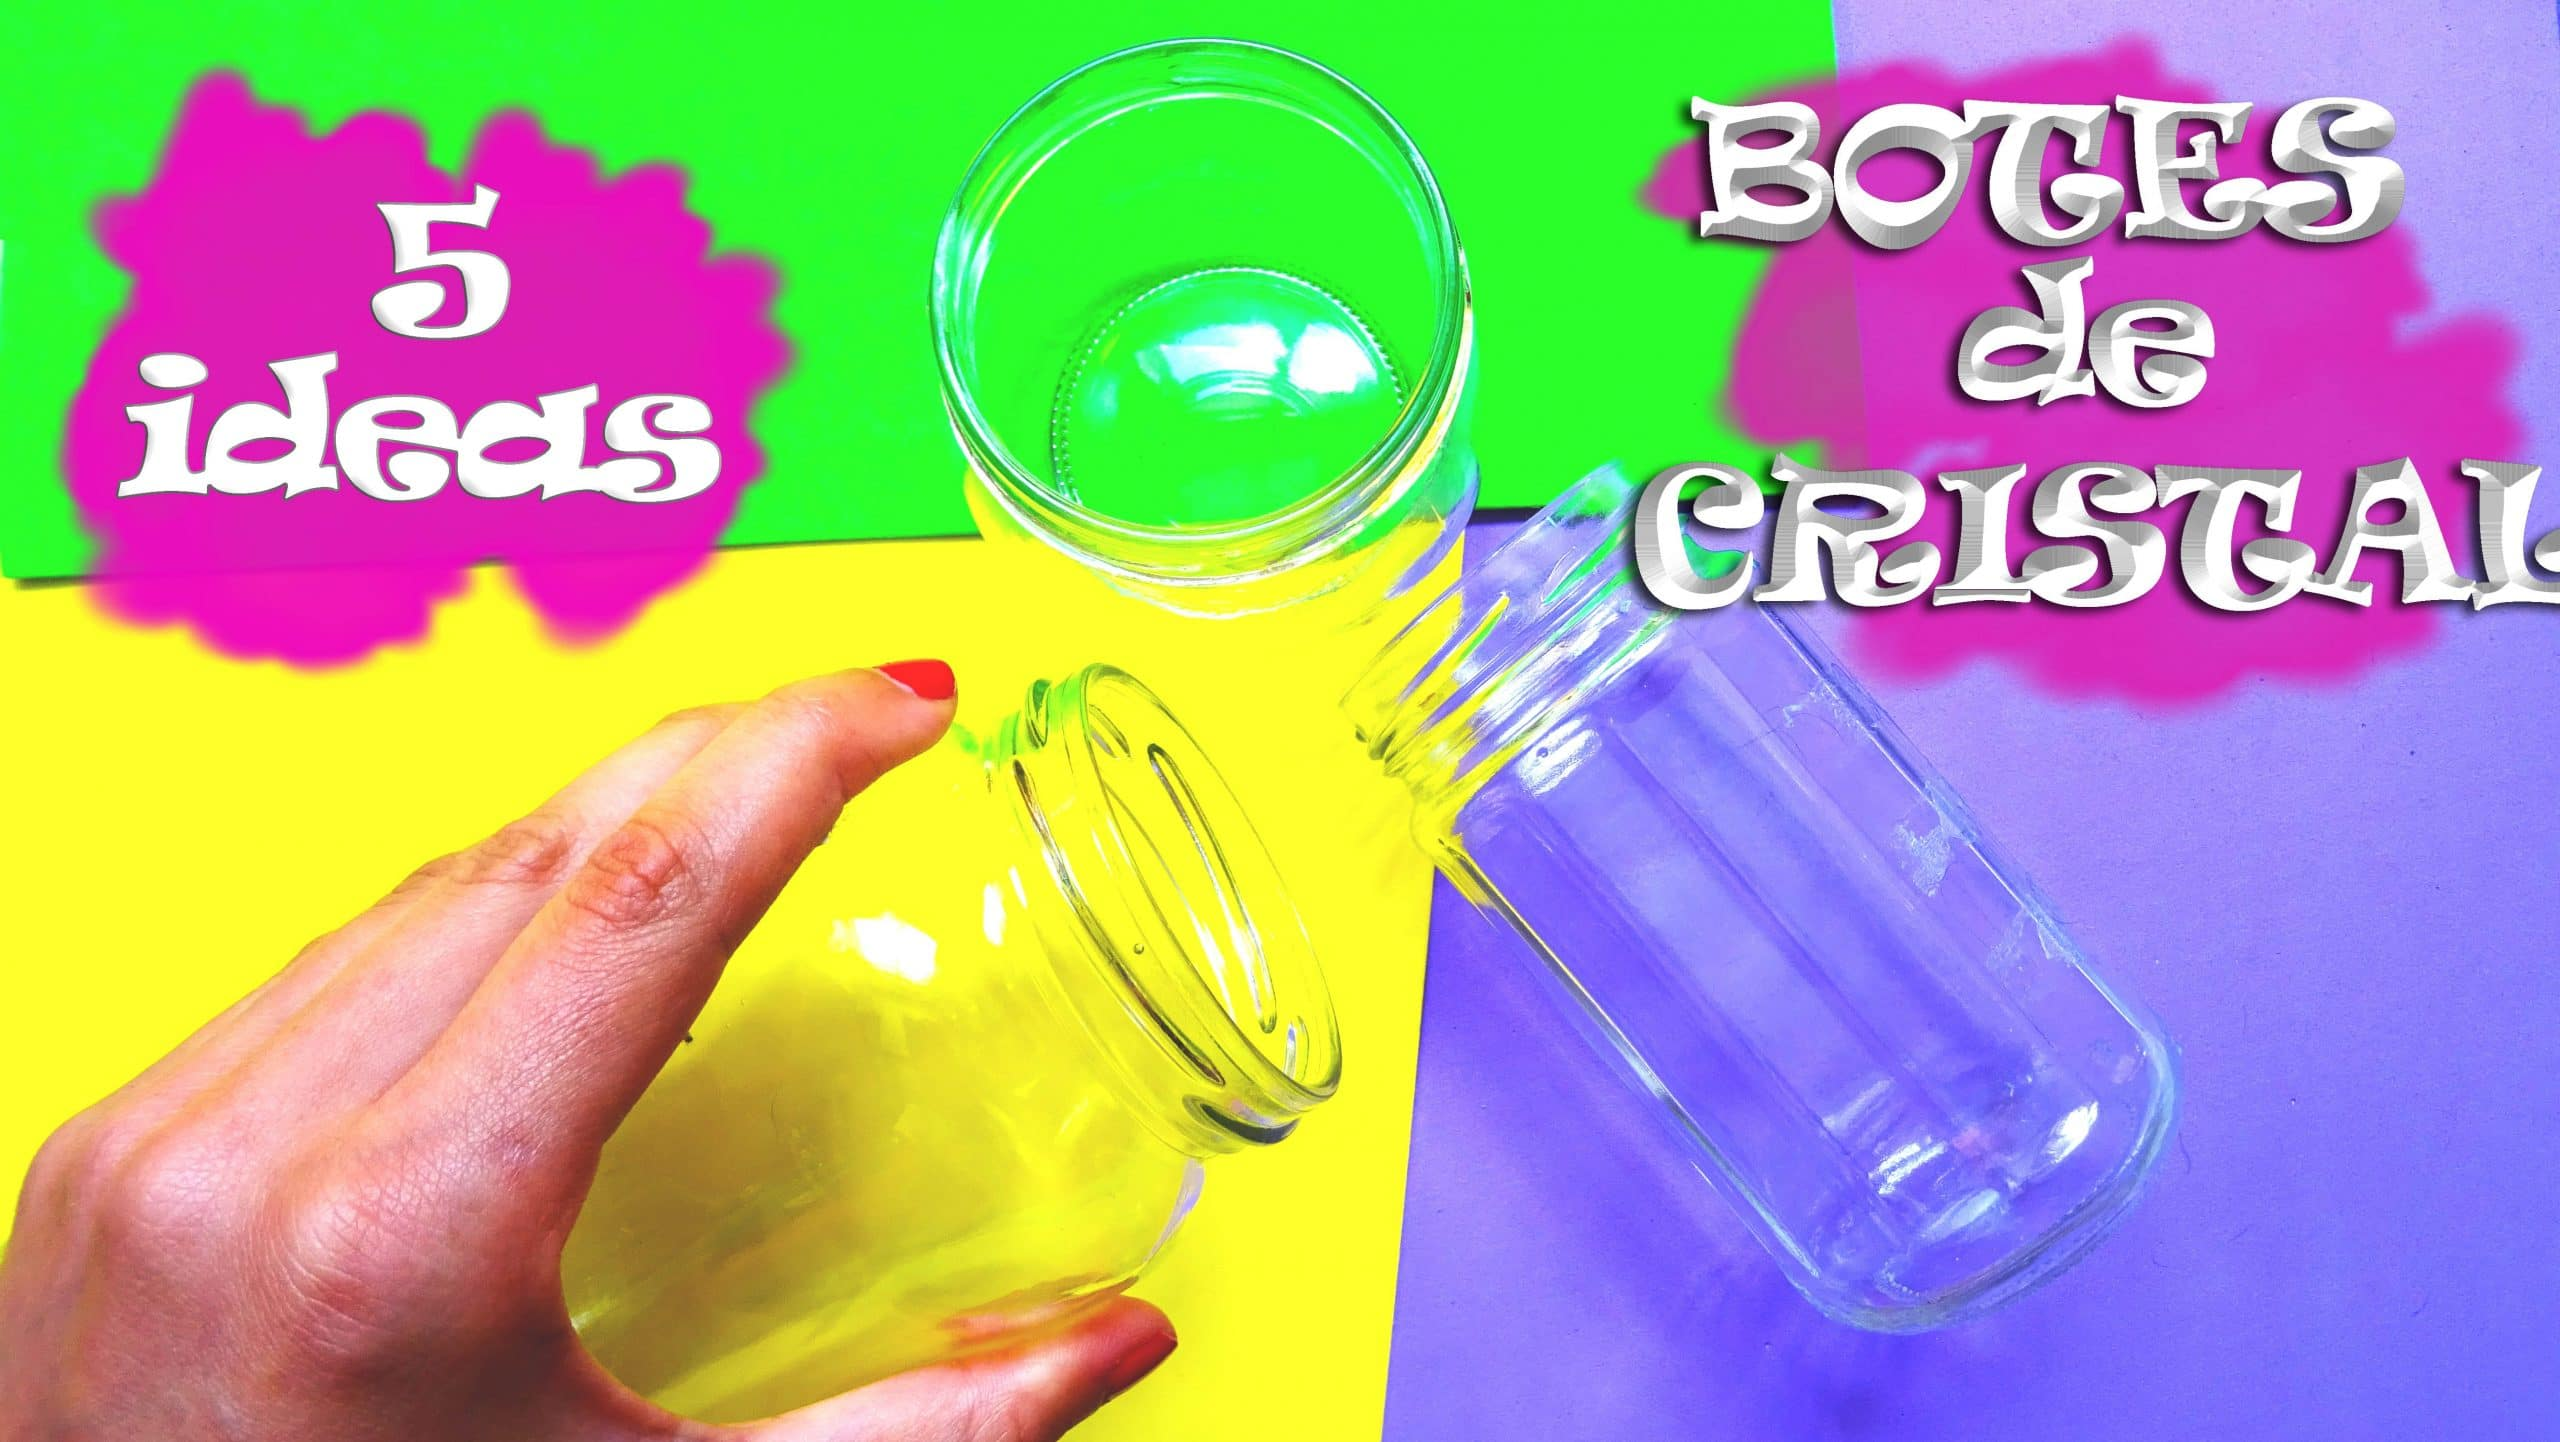 Manualidades con vidrio manualidades on - Manualidades con botes de cristal ...